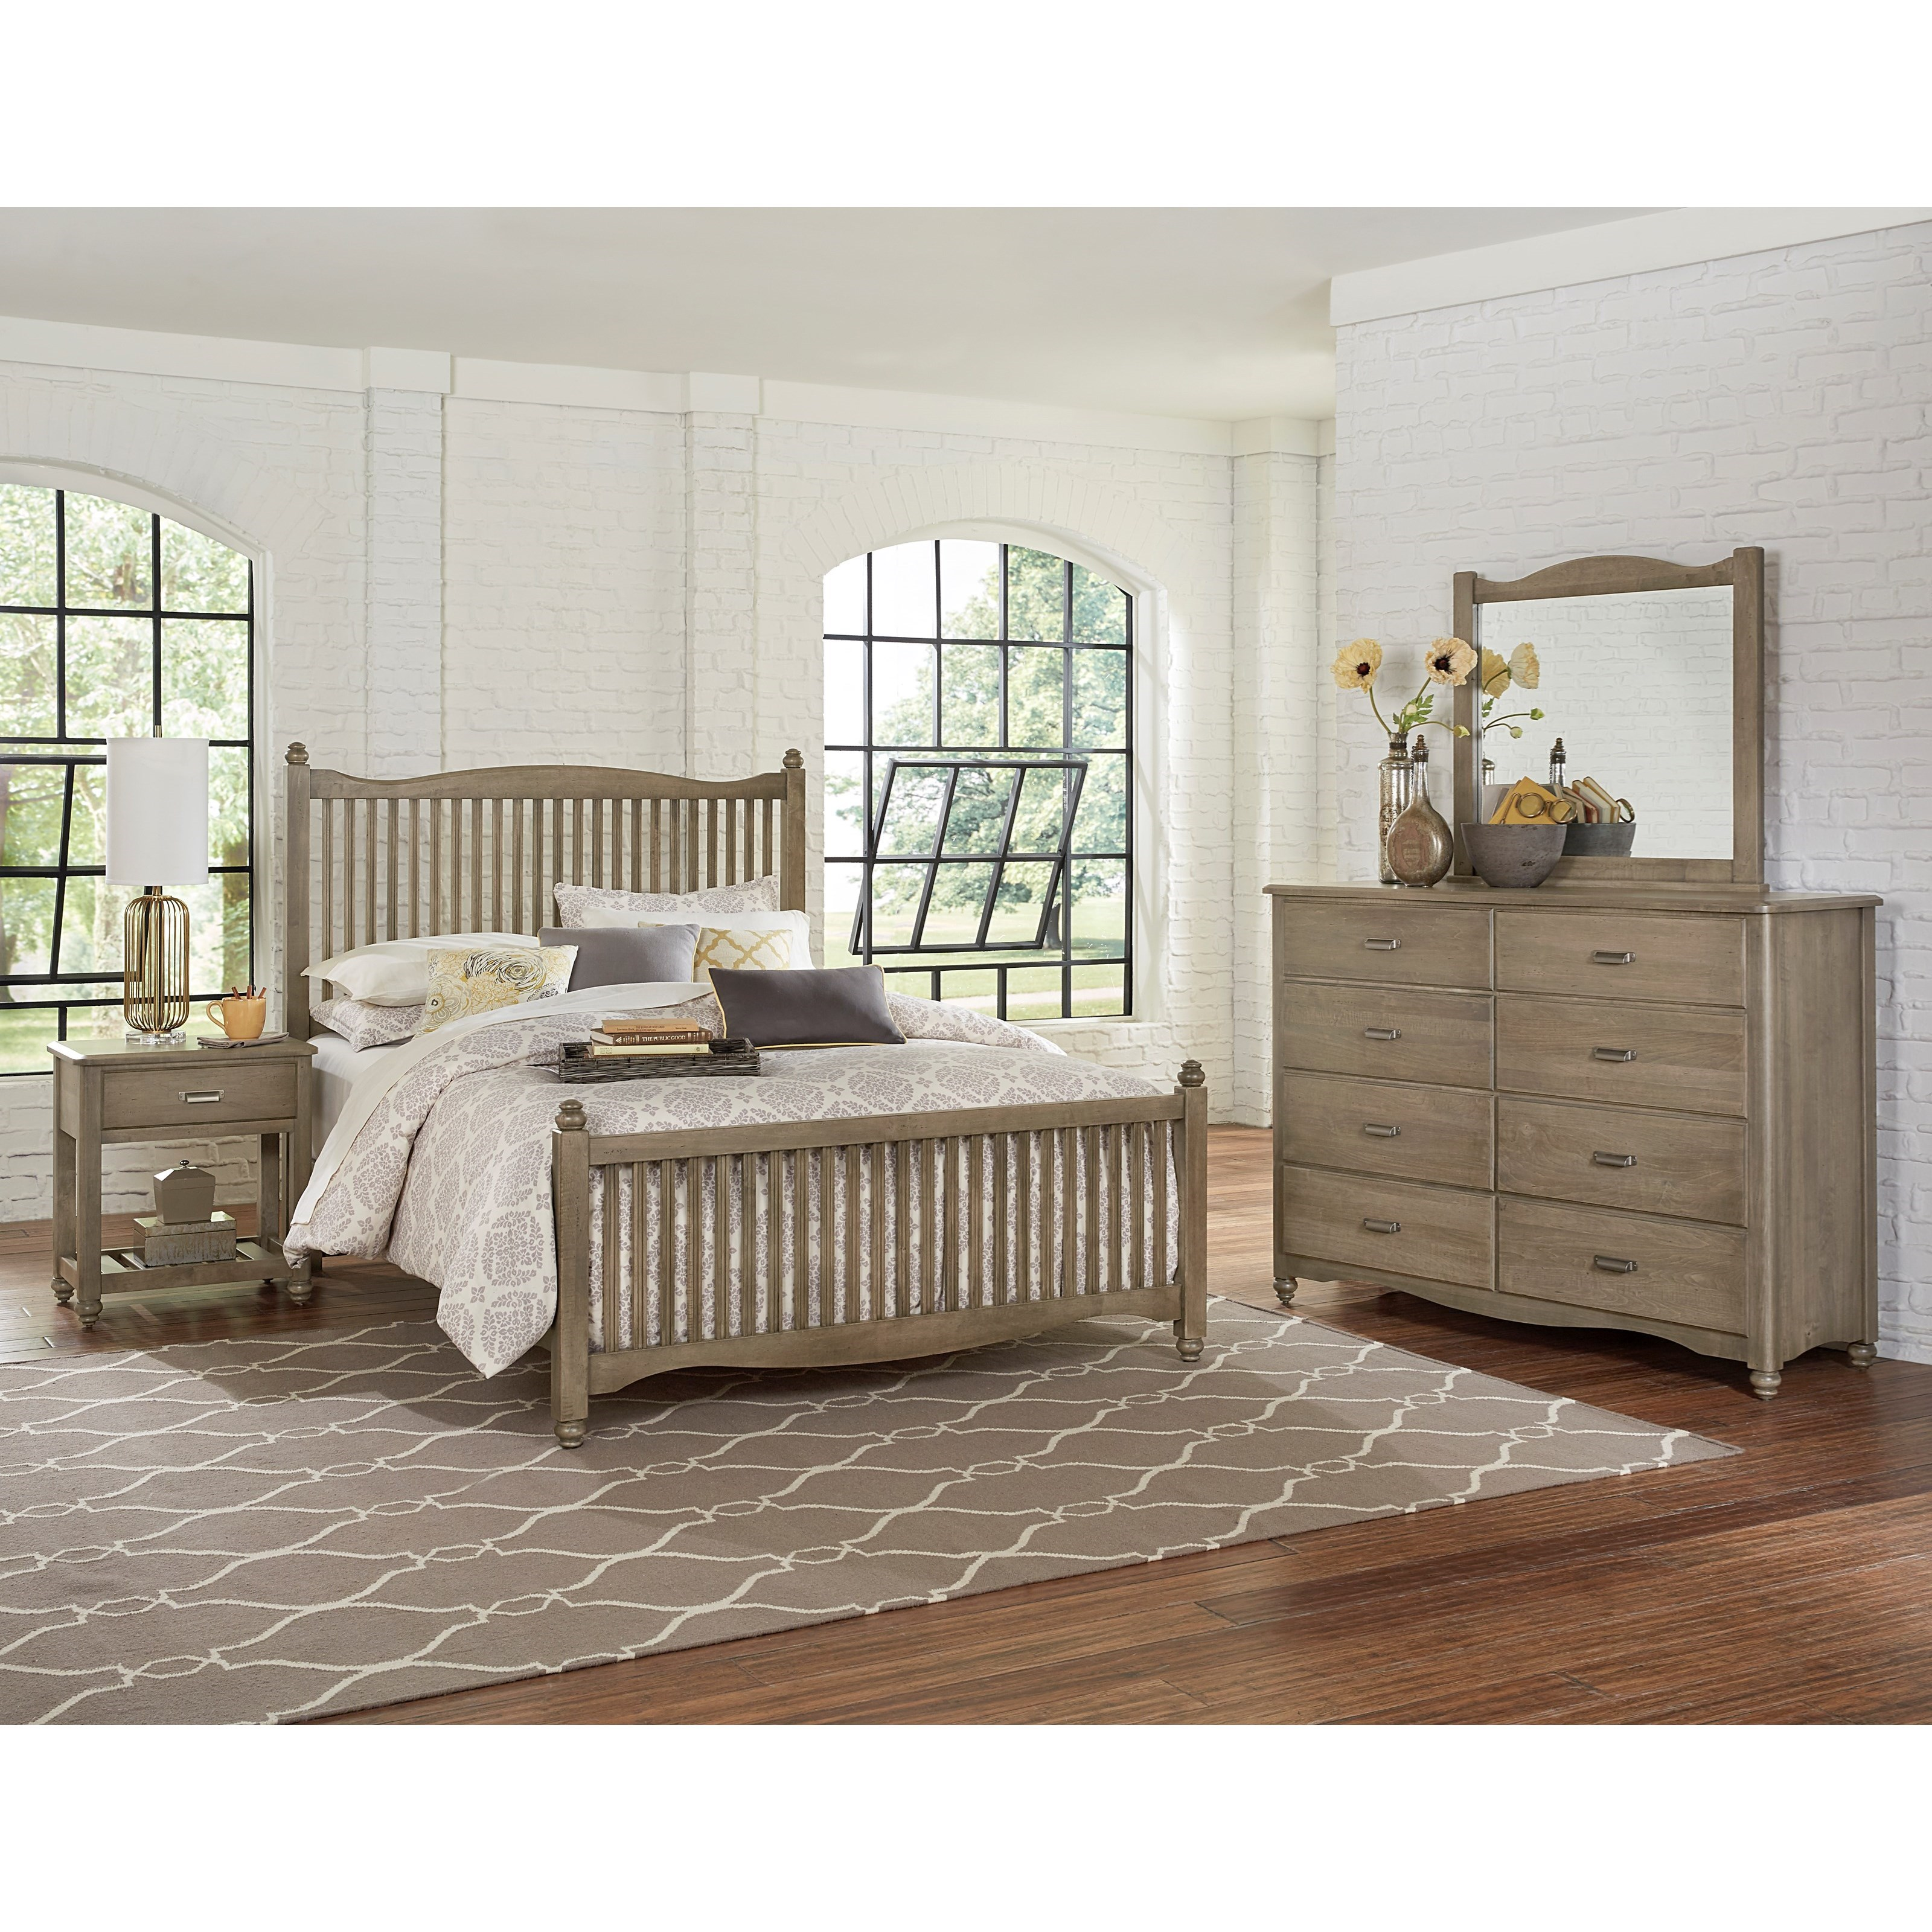 Vaughan Bassett American Maple King Bedroom Group - Item Number: 401 K Bedroom Group 1